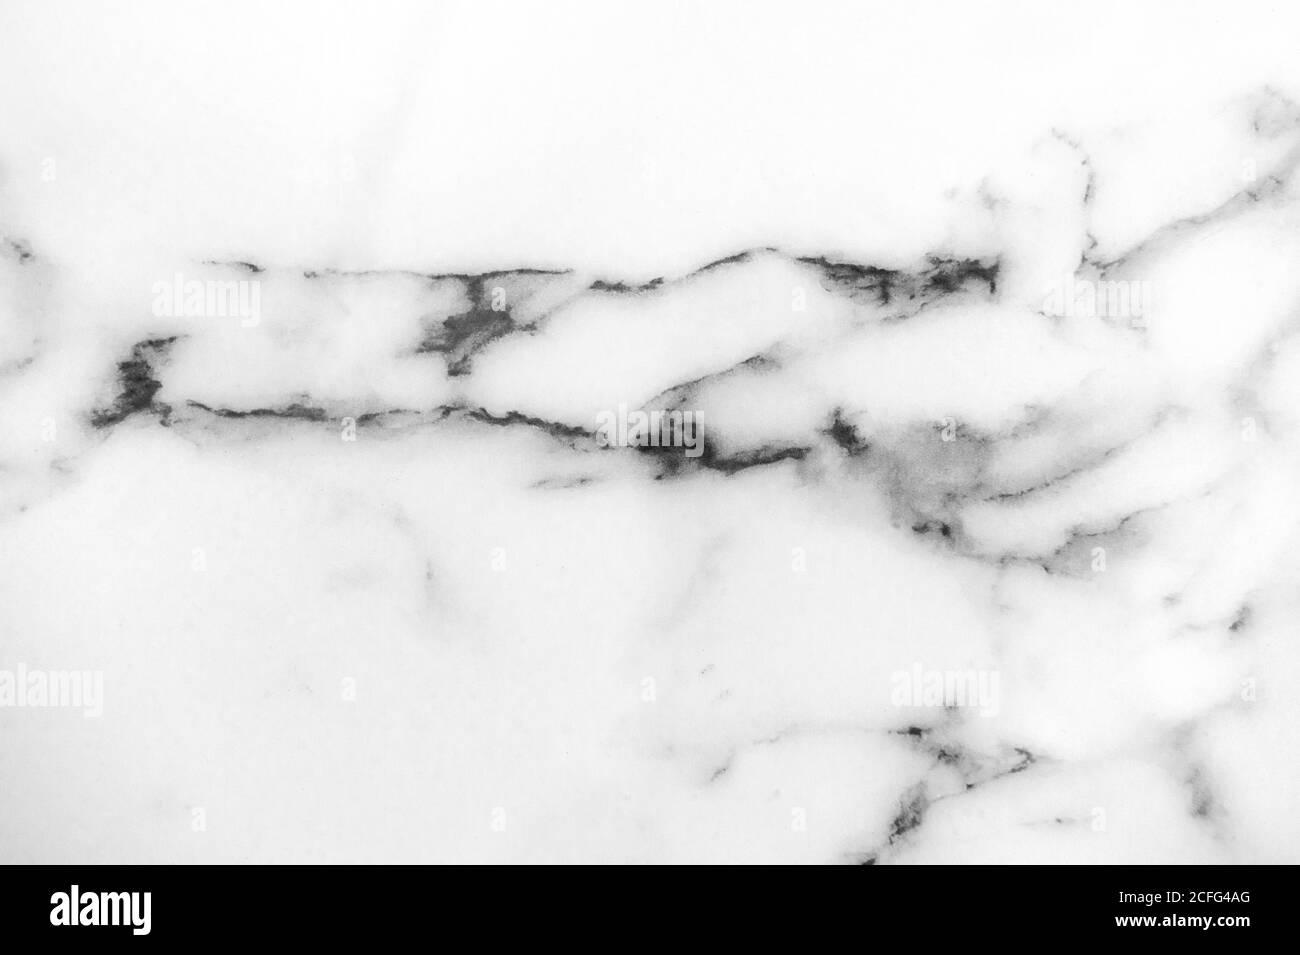 Arrière-plan en marbre. Texture de la surface de la pierre. Papier numérique Banque D'Images